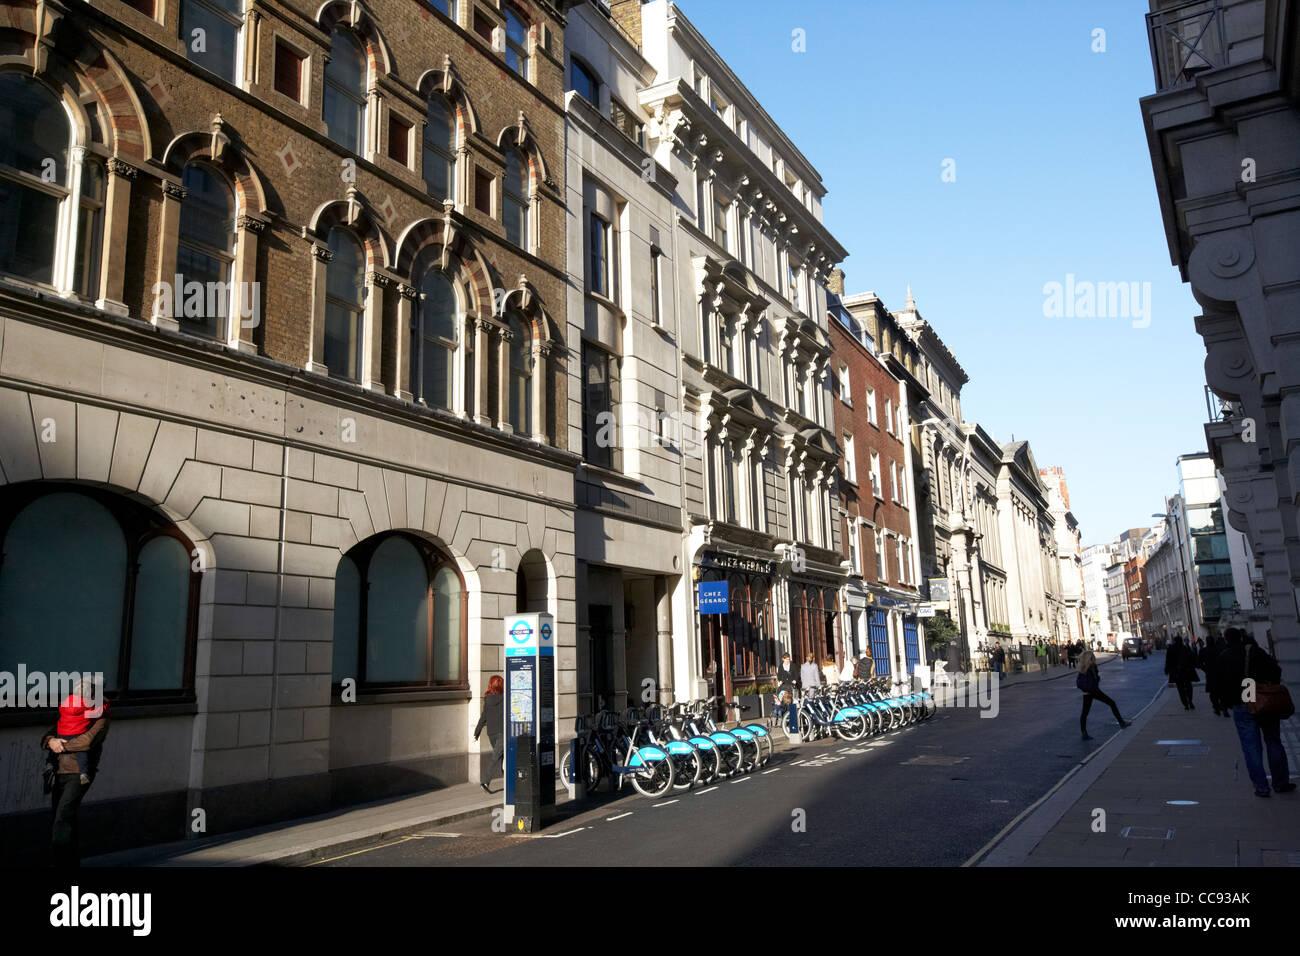 Gesamtansicht Chancery Lane London England UK-Vereinigtes Königreich Stockbild